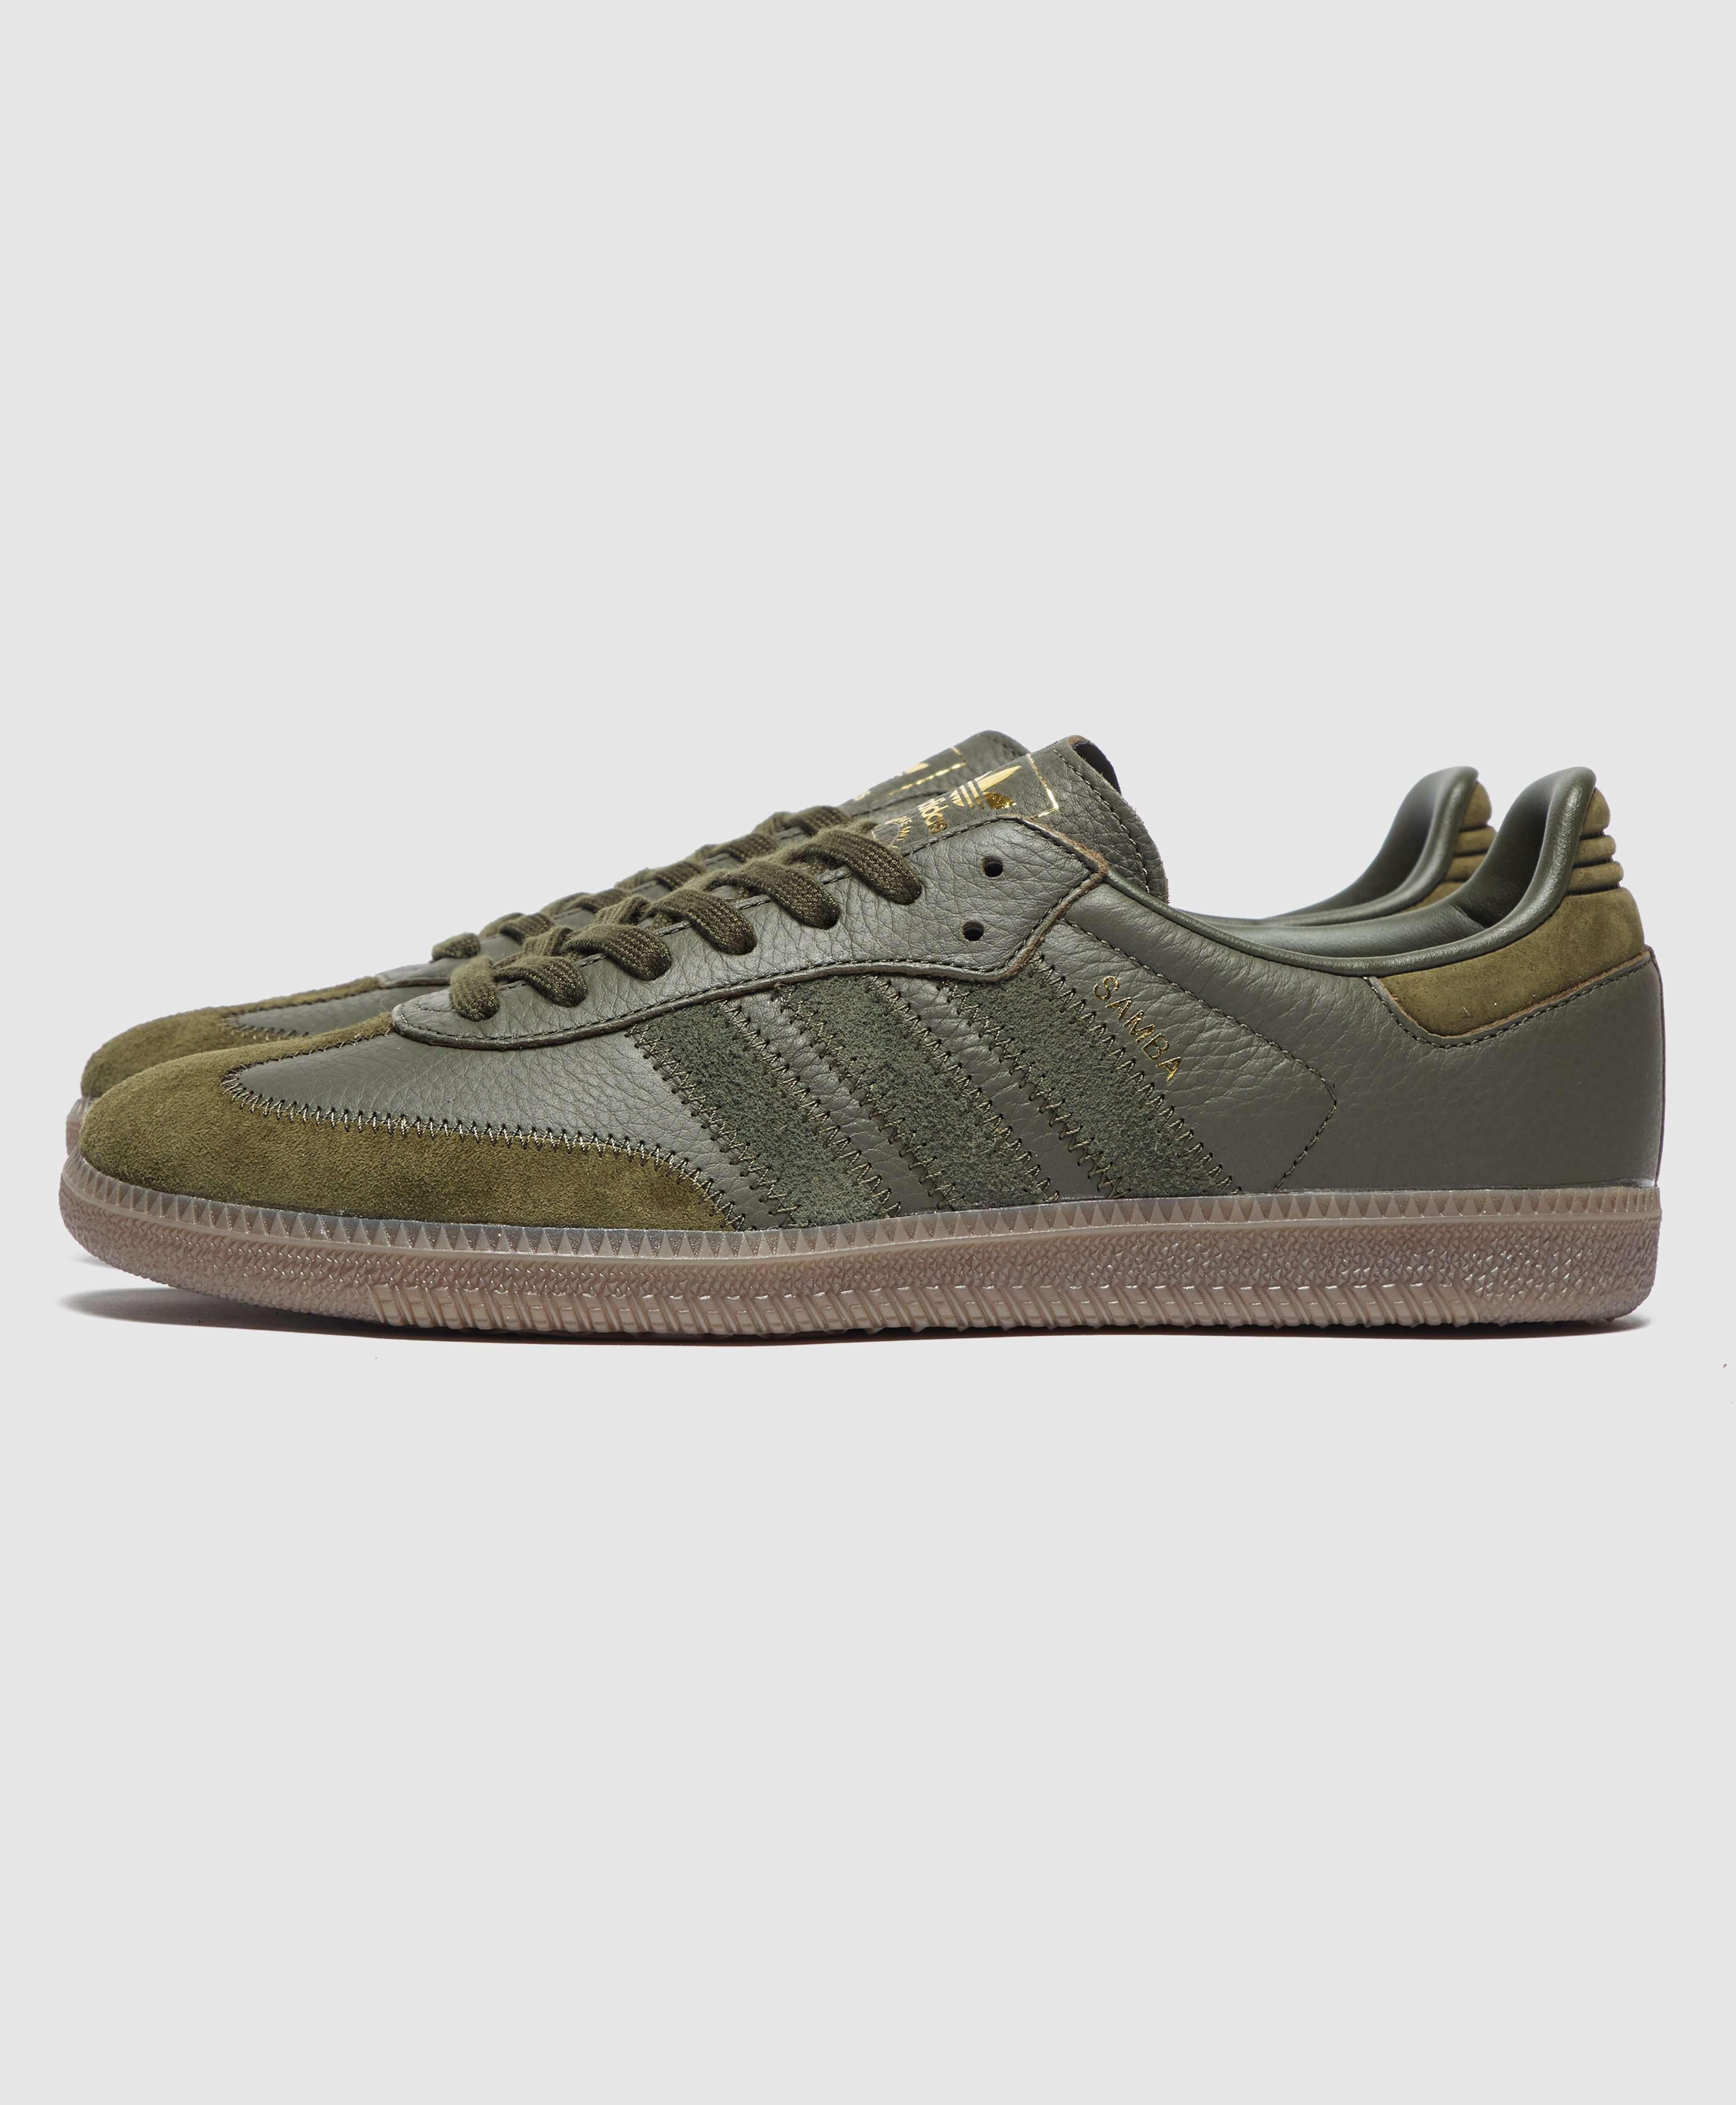 a6d7e5241a9ddc adidas originals samba available via PricePi.com. Shop the entire ...